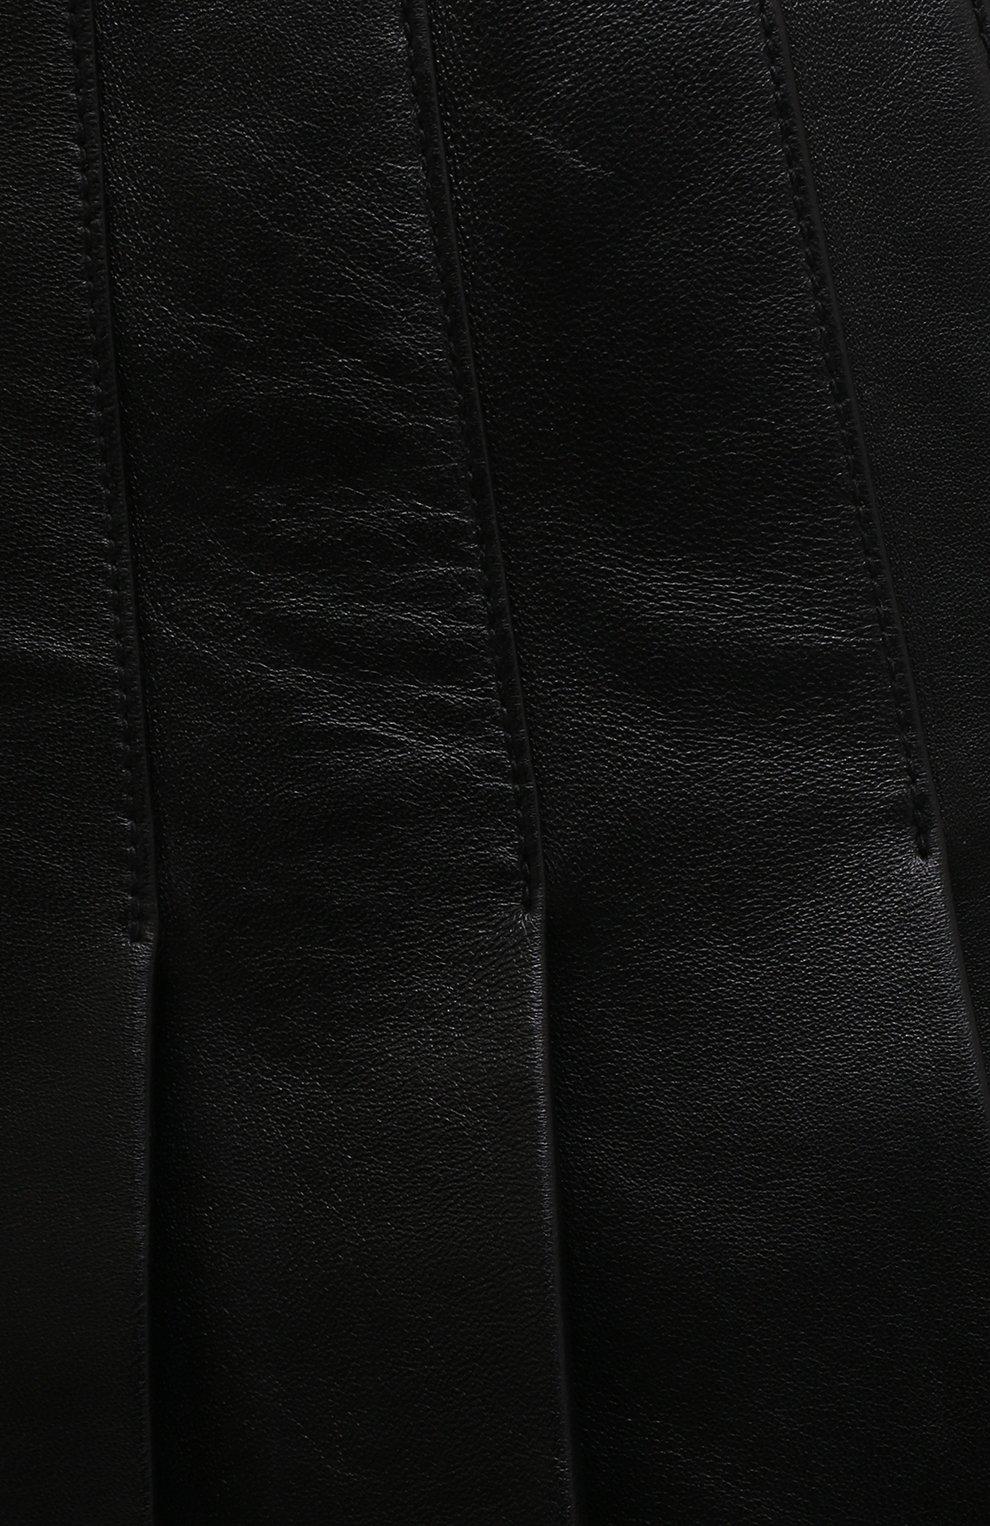 Женская кожаная юбка BALMAIN черного цвета, арт. WF1LB250/L158   Фото 5 (Длина Ж (юбки, платья, шорты): Мини; Женское Кросс-КТ: юбка-плиссе, Юбка-одежда; Стили: Гранж; Материал подклада: Вискоза)